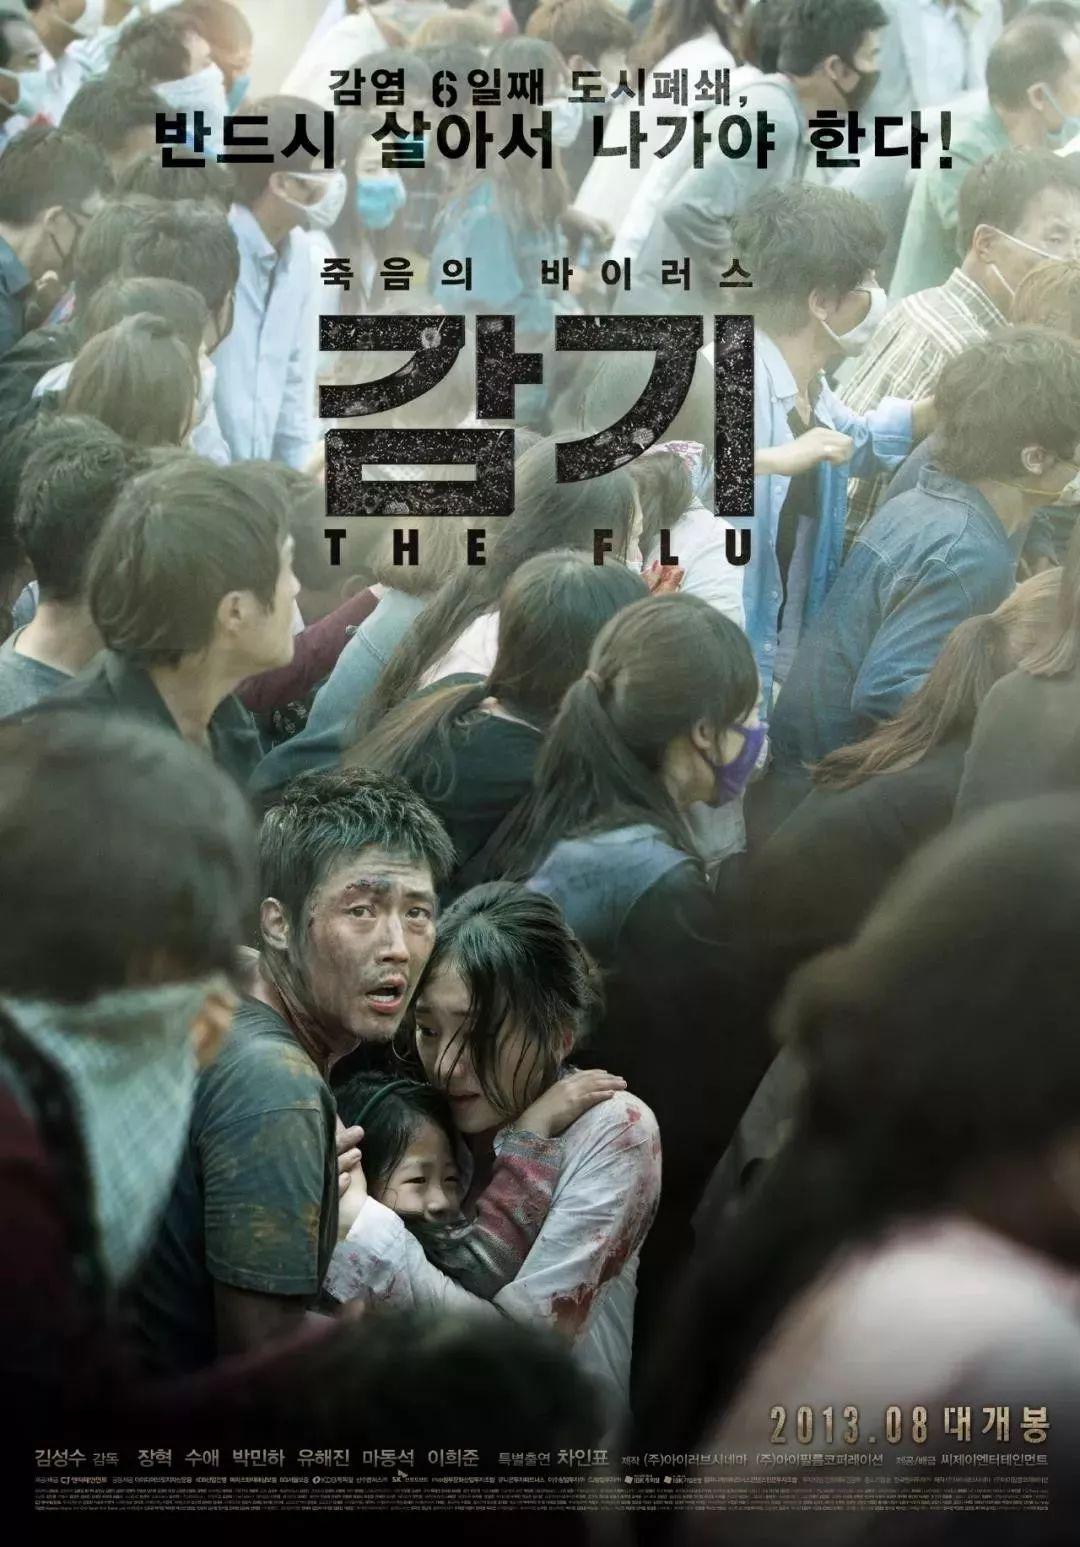 灾难恐怖电影《流感》在生死面前人性都是私自的 (12)